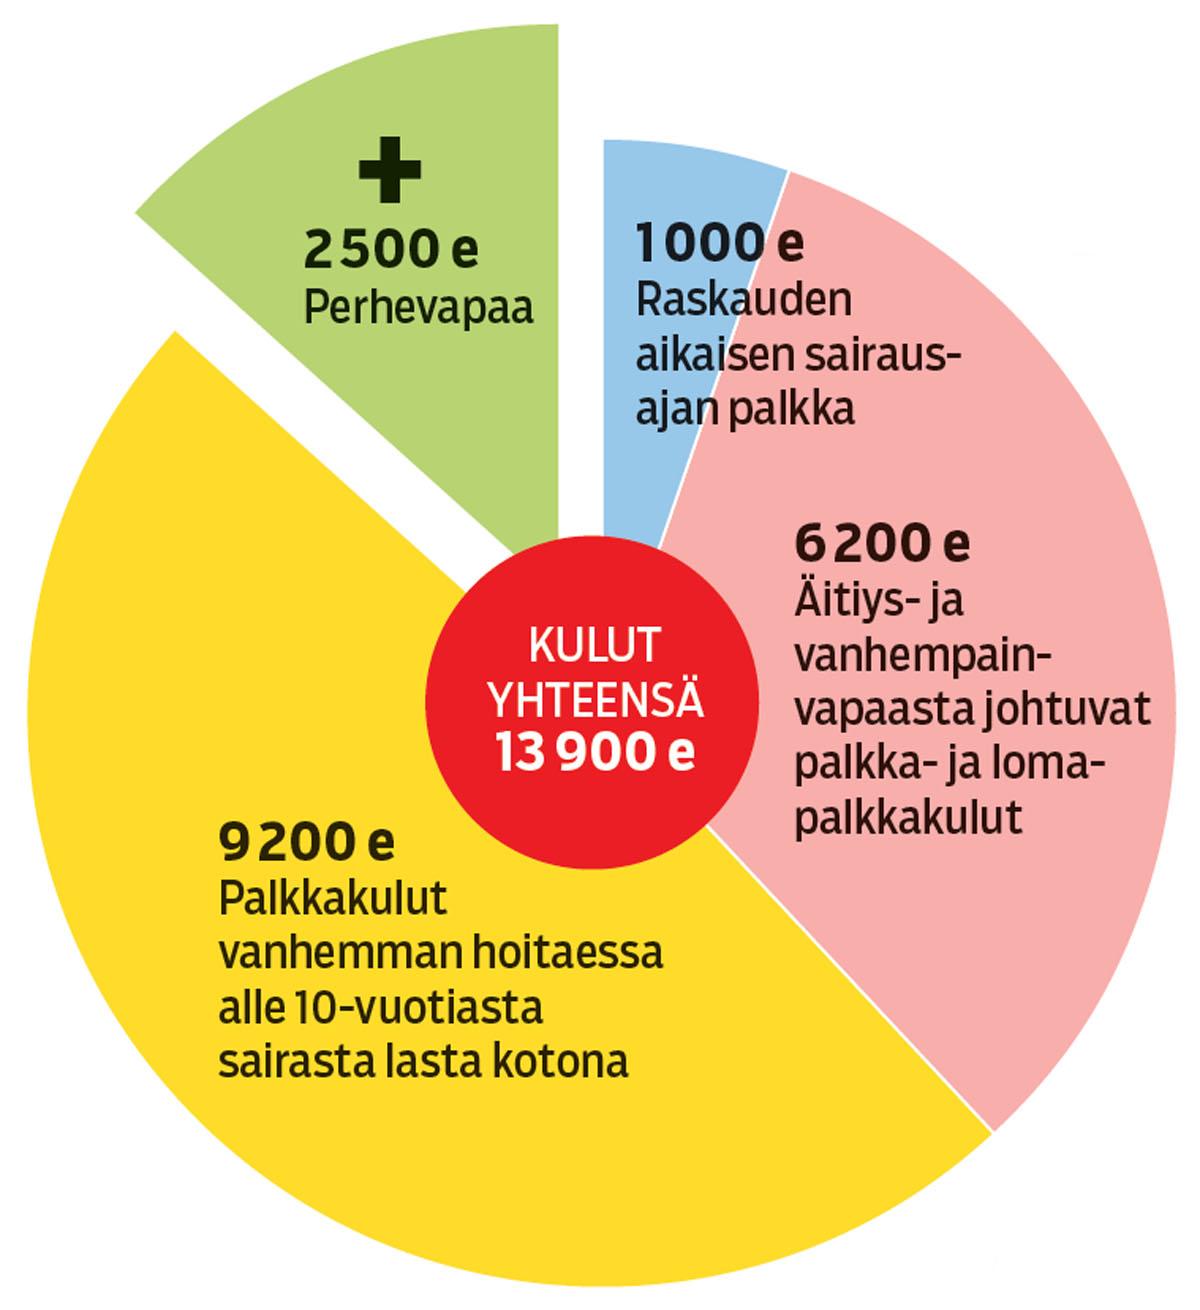 Vauvan hinta työnantajalle on noin 16400 euroa silloin, kun työntekijän palkka on 3400 euroa. Yhteiskunta korvaa työnantajalle 2500 euroa.